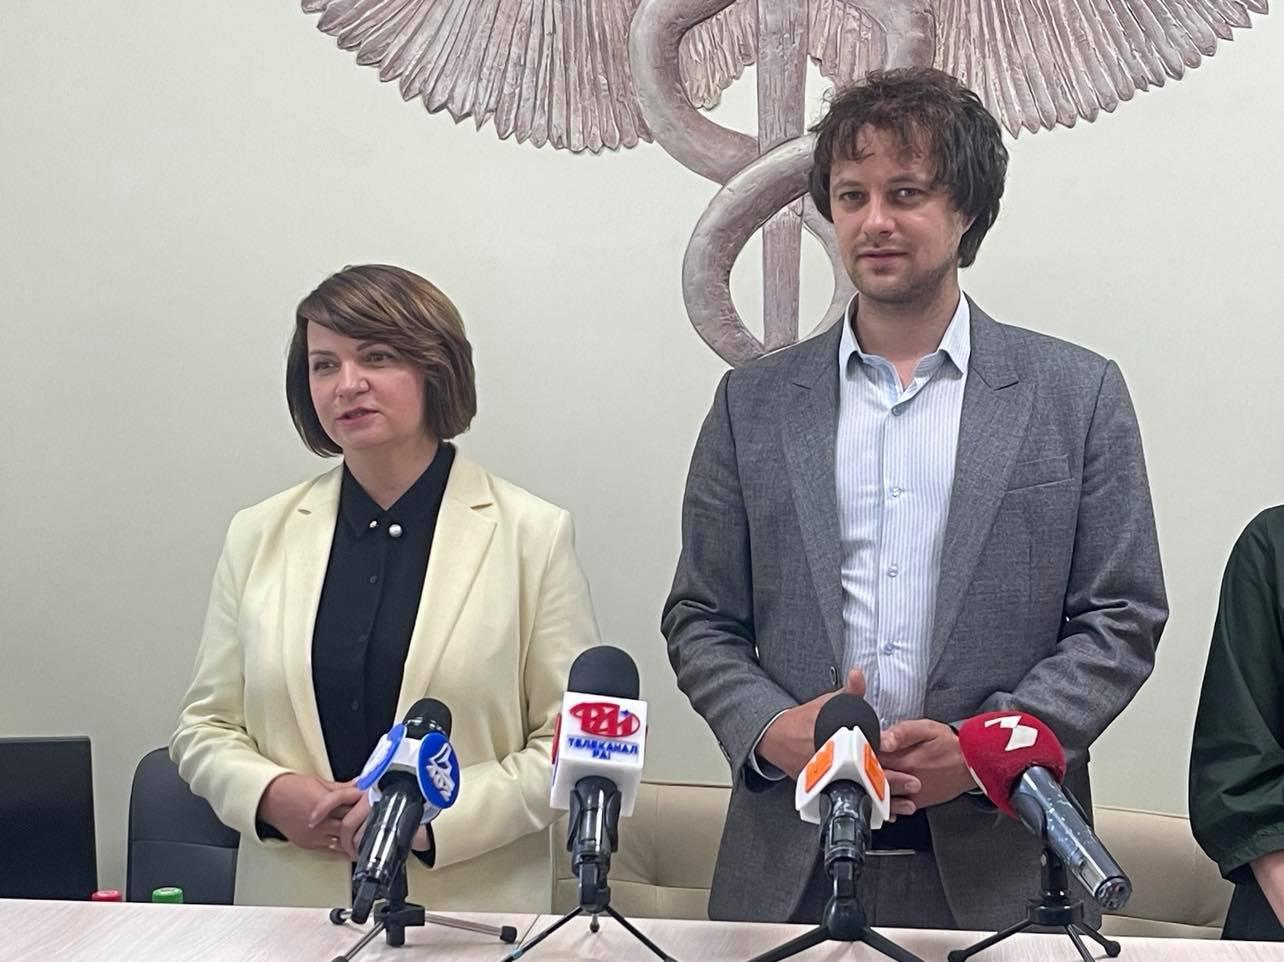 Місяць здоров'я: франківців кличуть на безкоштовні медичні обстеження (ФОТО)